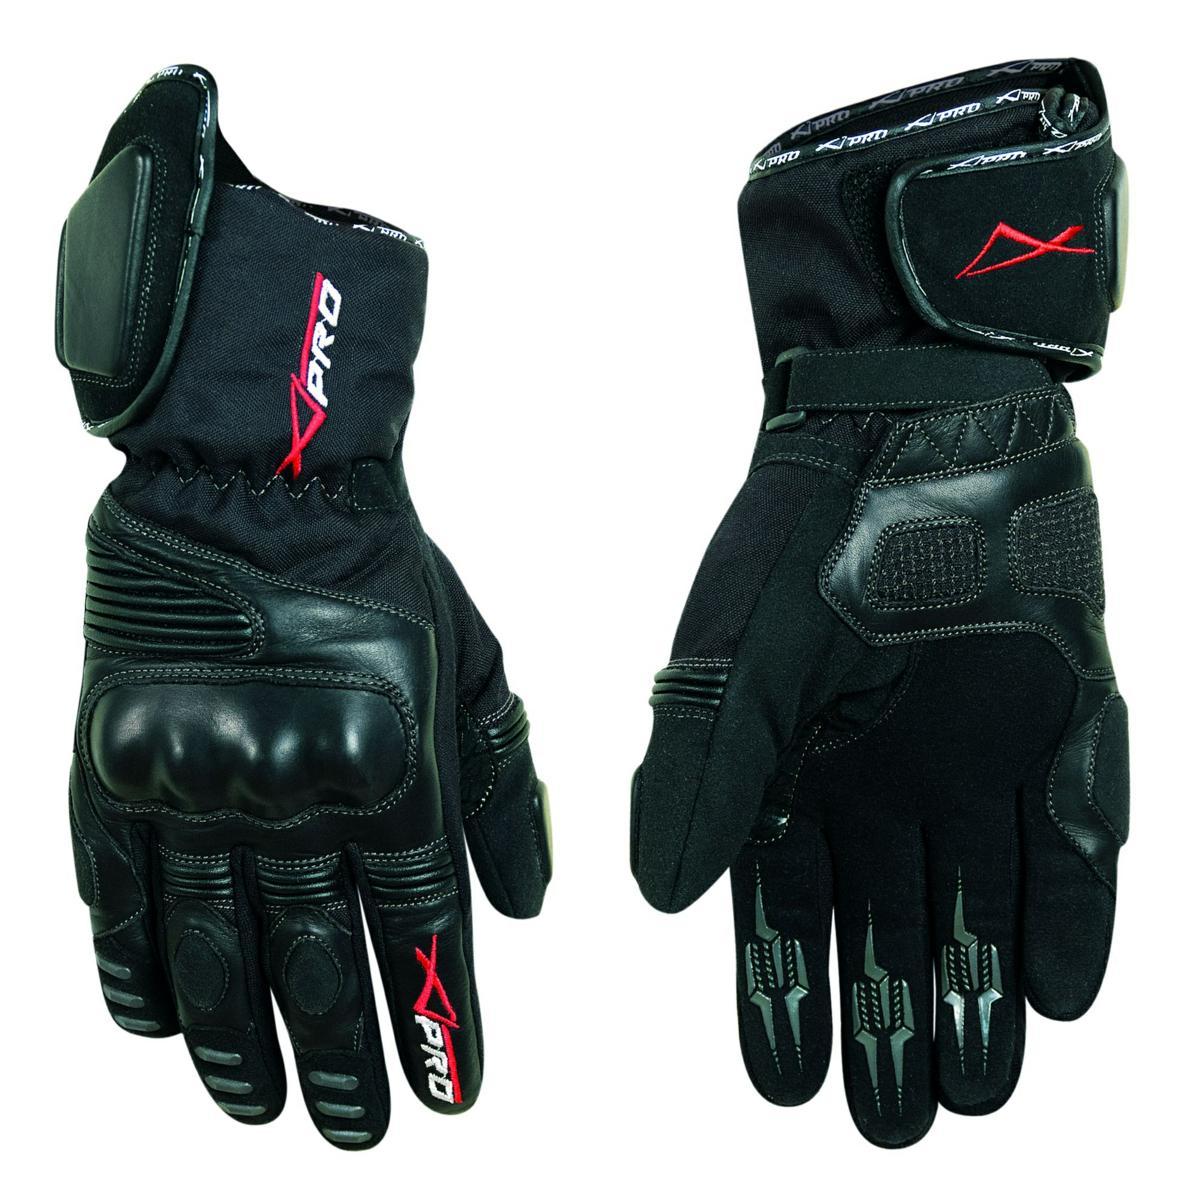 Gants-Motard-Moto-Cuir-Textile-Tissu-Thermique-Protections-Impermeable-Etanche miniature 4